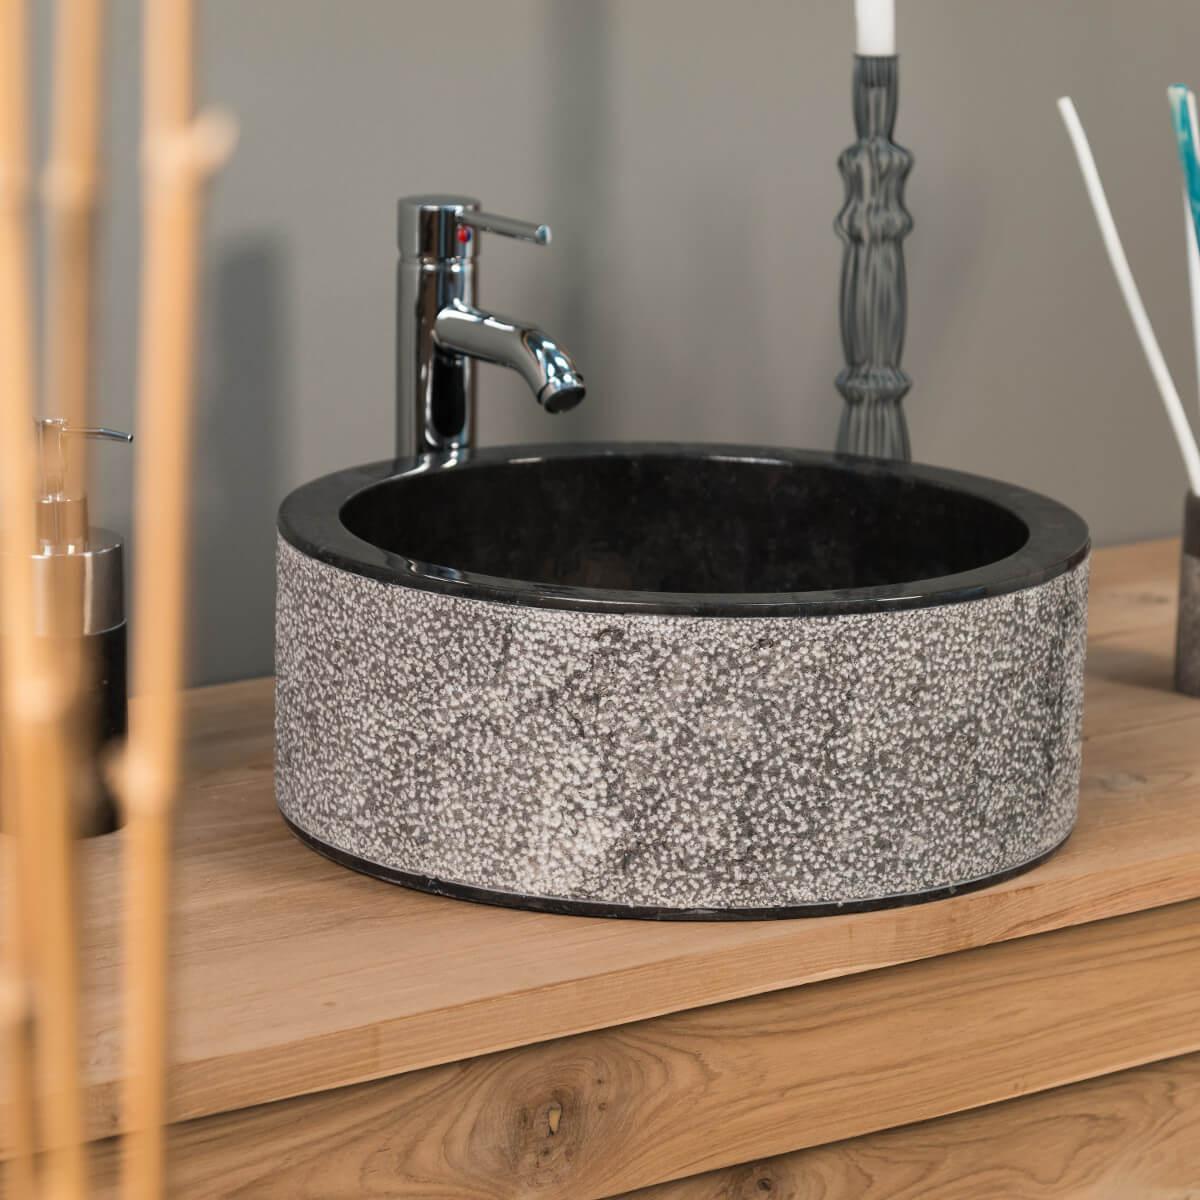 Décoration Intérieure: Cuisine Lavabo Vasque Et Plan intérieur Meuble Sous Lavabo Brico Dépôt